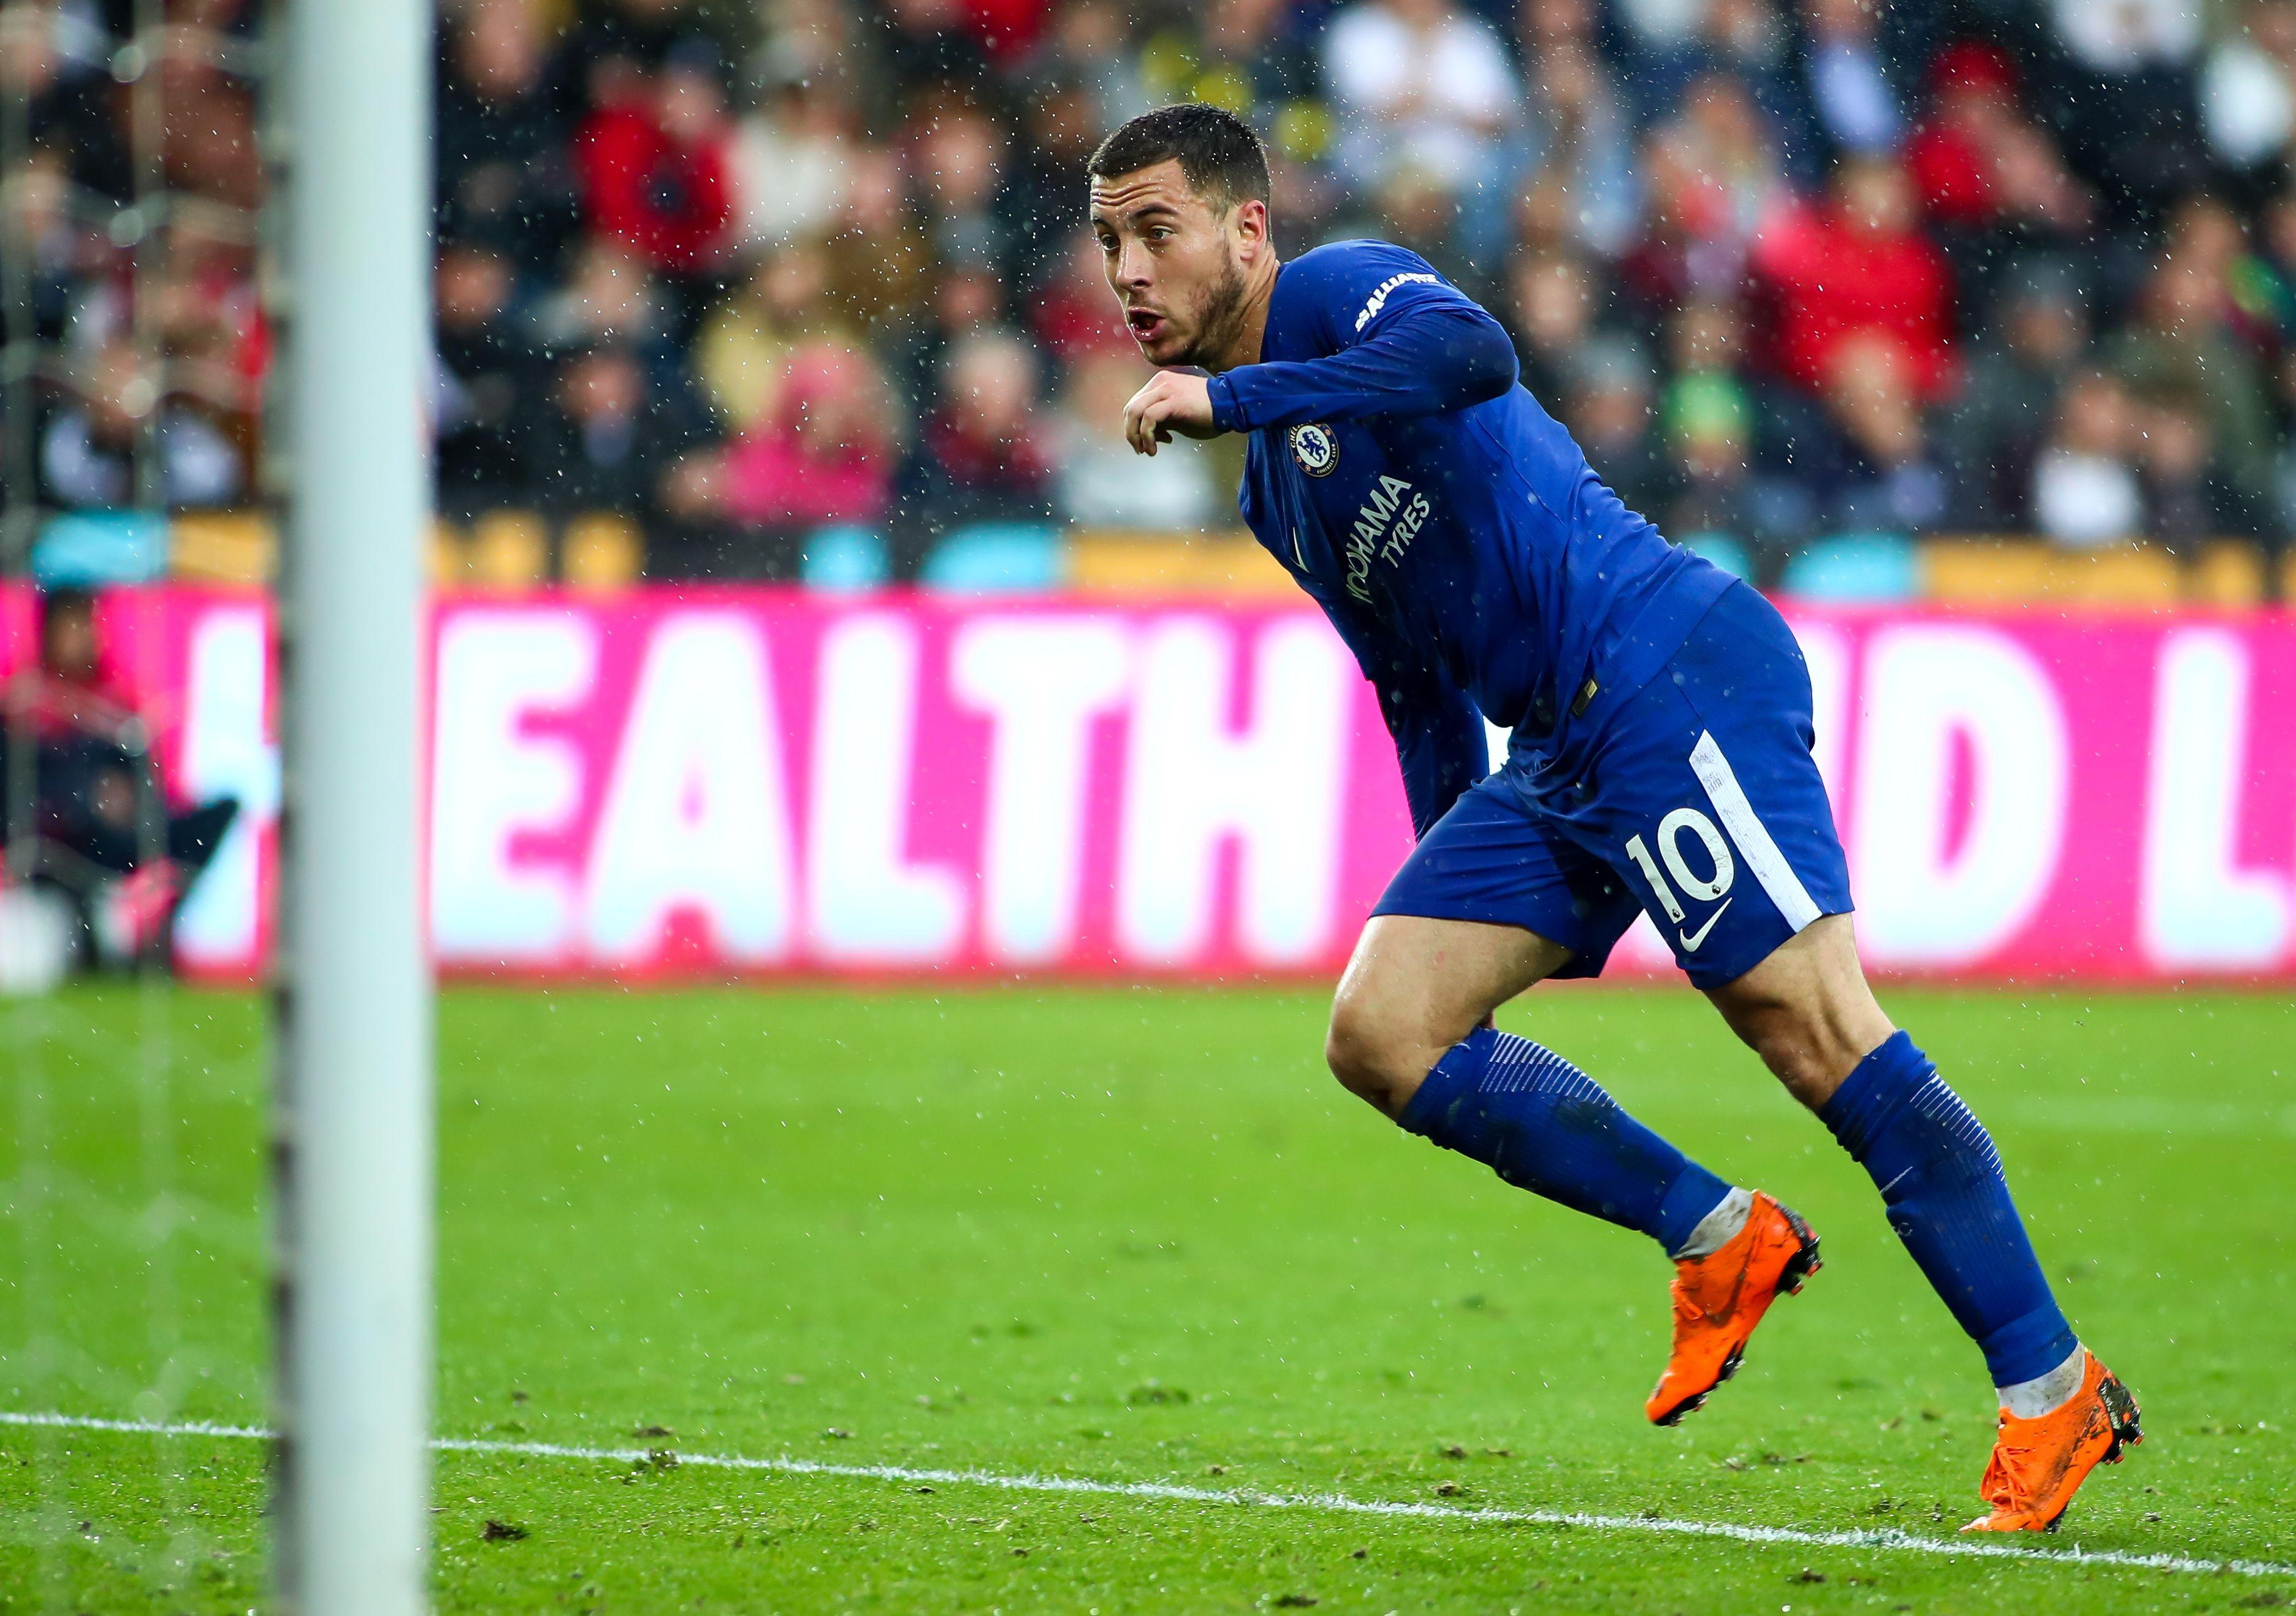 Football - Etranger - Premier League : Chelsea-Liverpool en direct